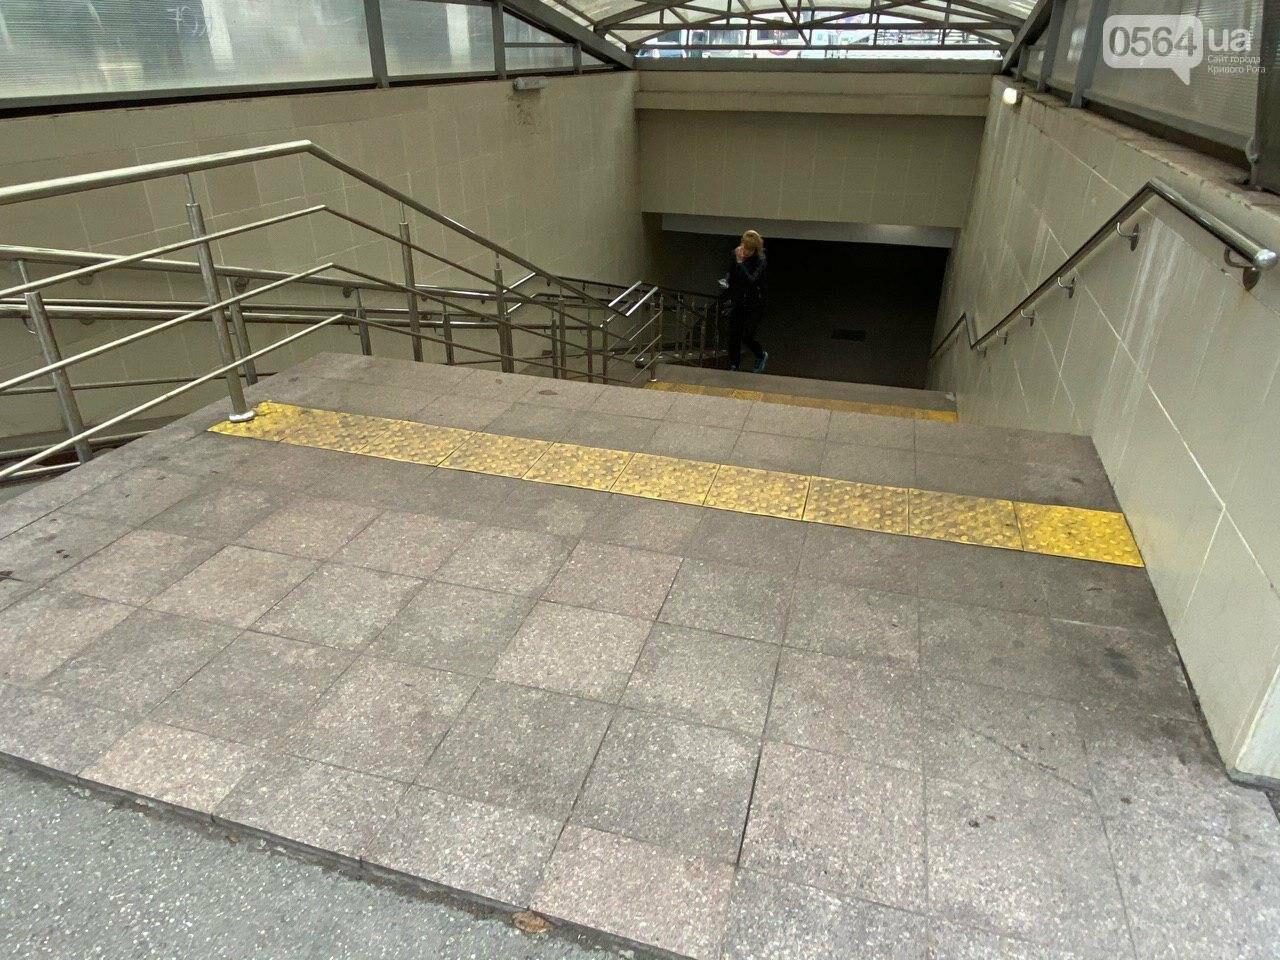 В Кривом Роге отклеилась тактильная плитка в подземном переходе, - ФОТО , фото-3